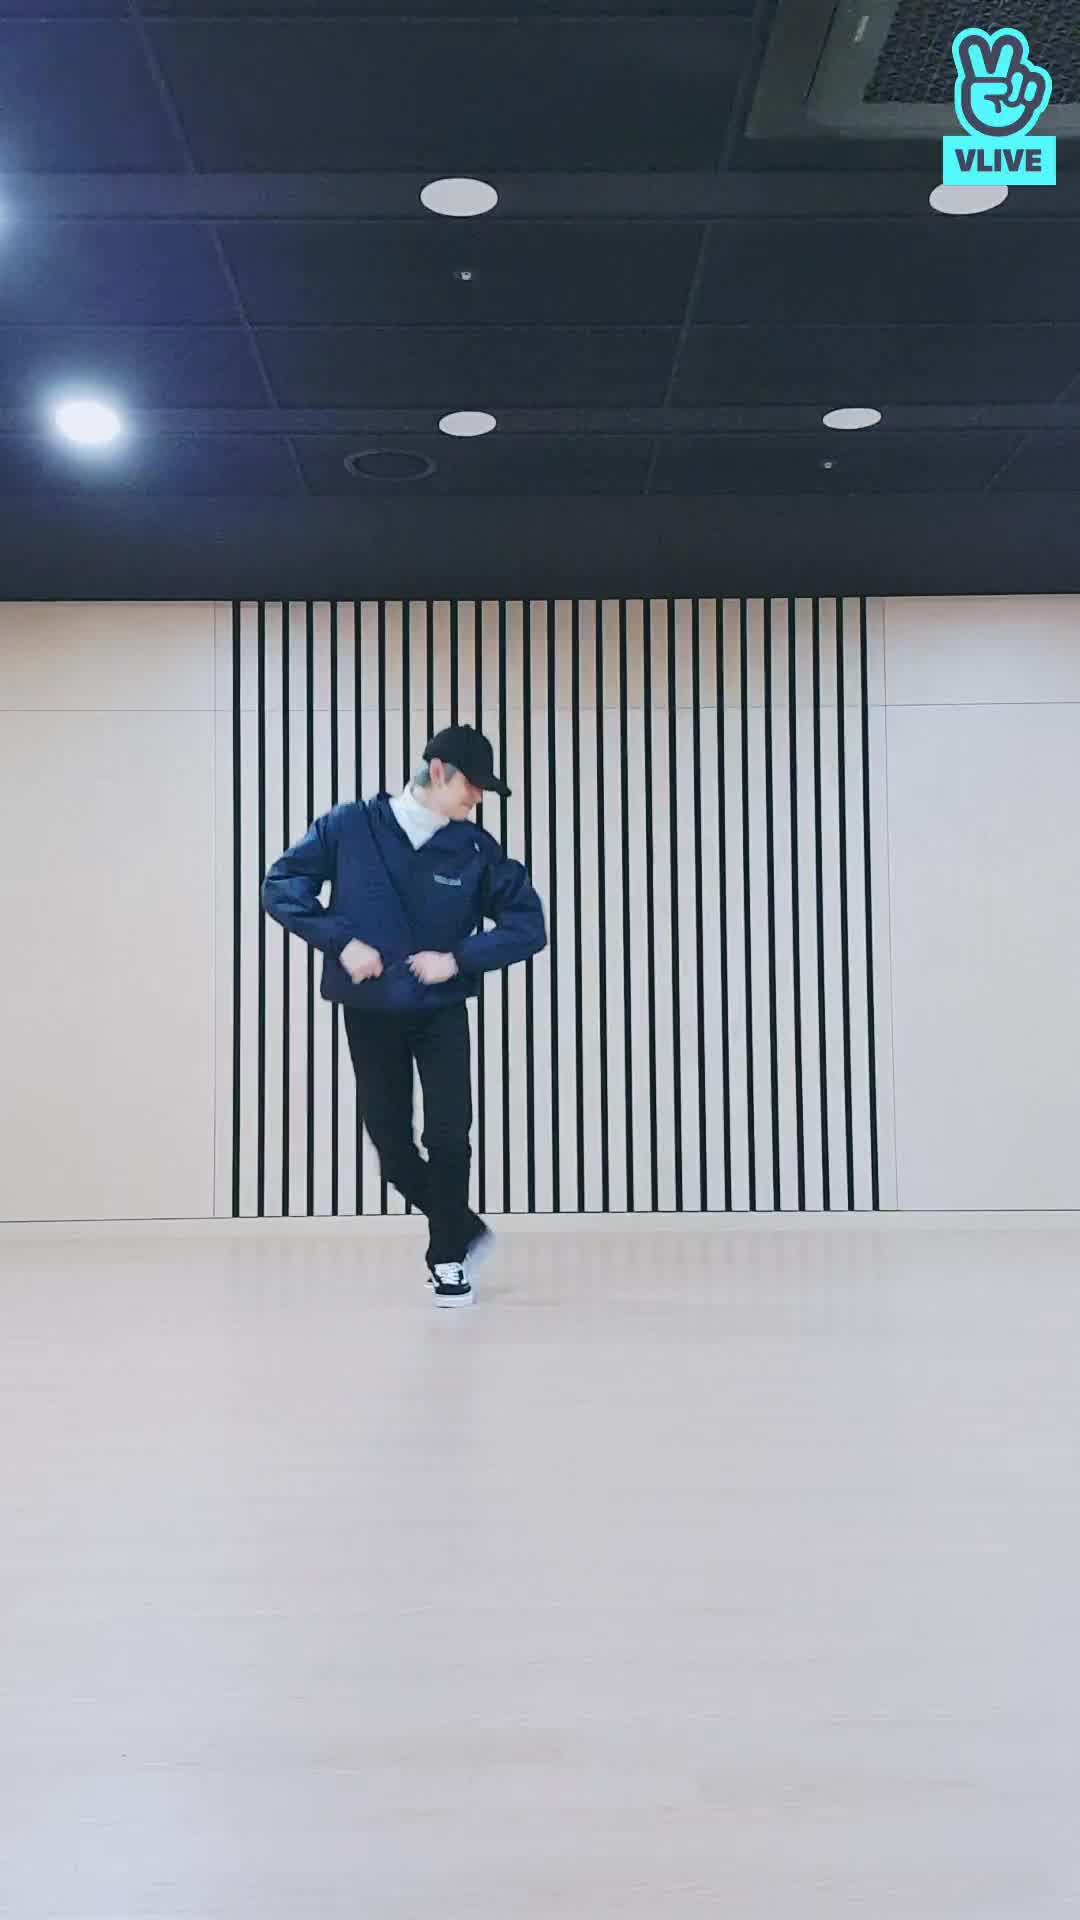 연준 : 댄스의 정석